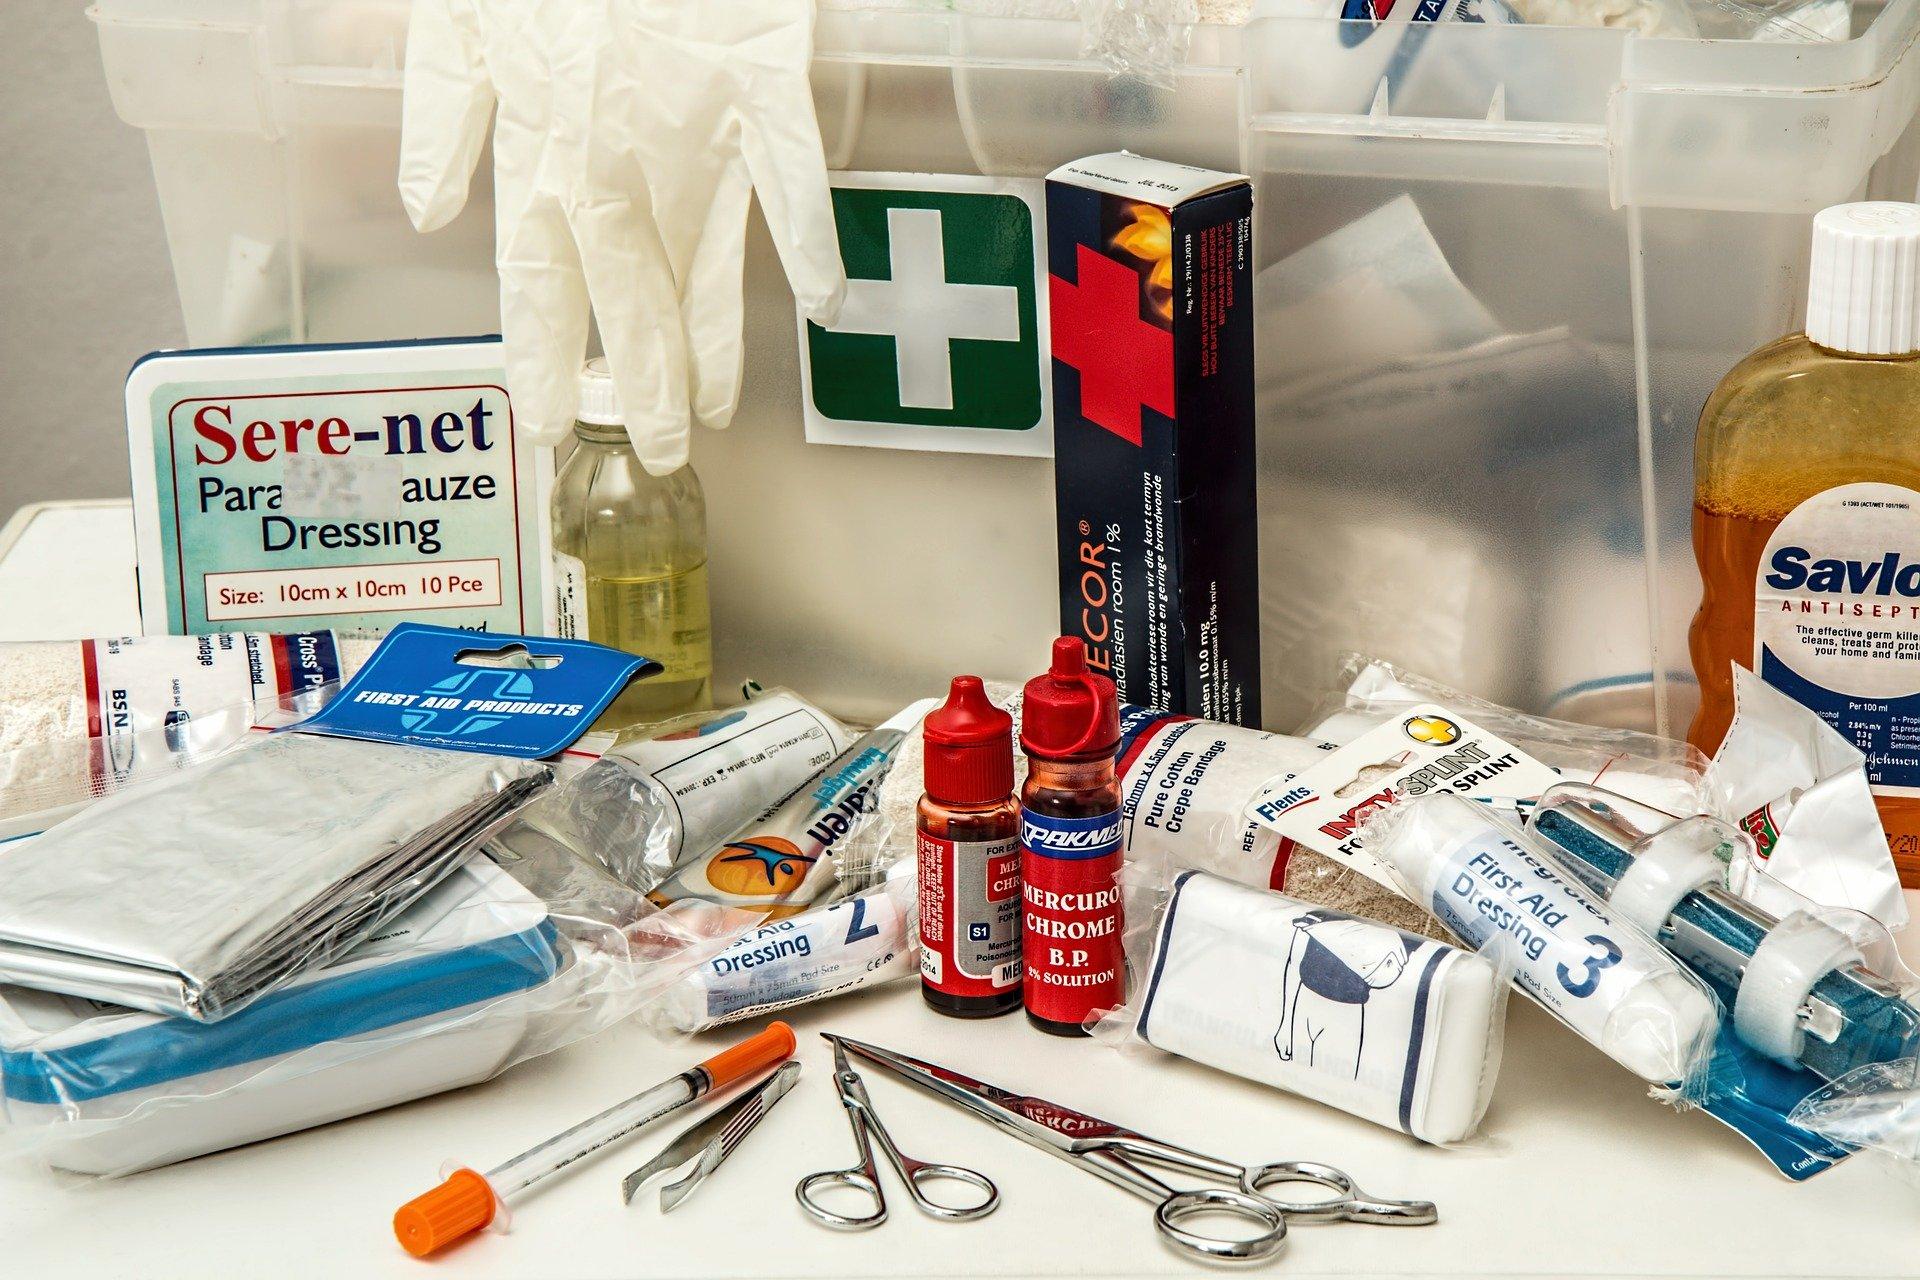 Premiers secours - Trousse de premiers secours